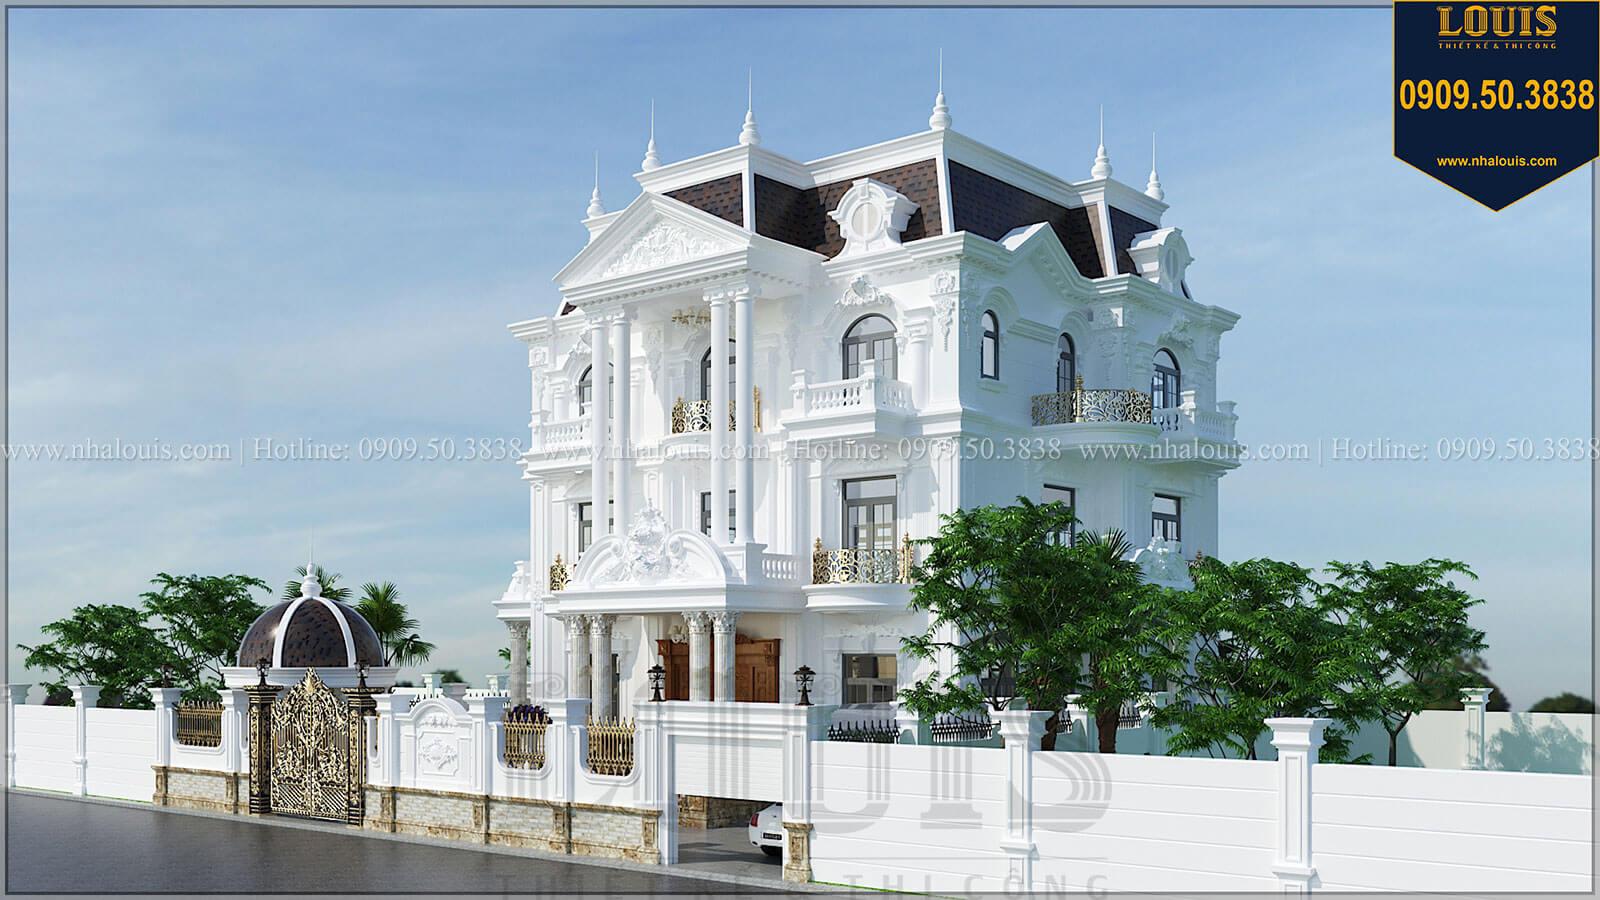 Mặt tiền Biệt thự đẹp 3 tầng phong cách cổ điển bề thế tại Quảng Ngãi - 03